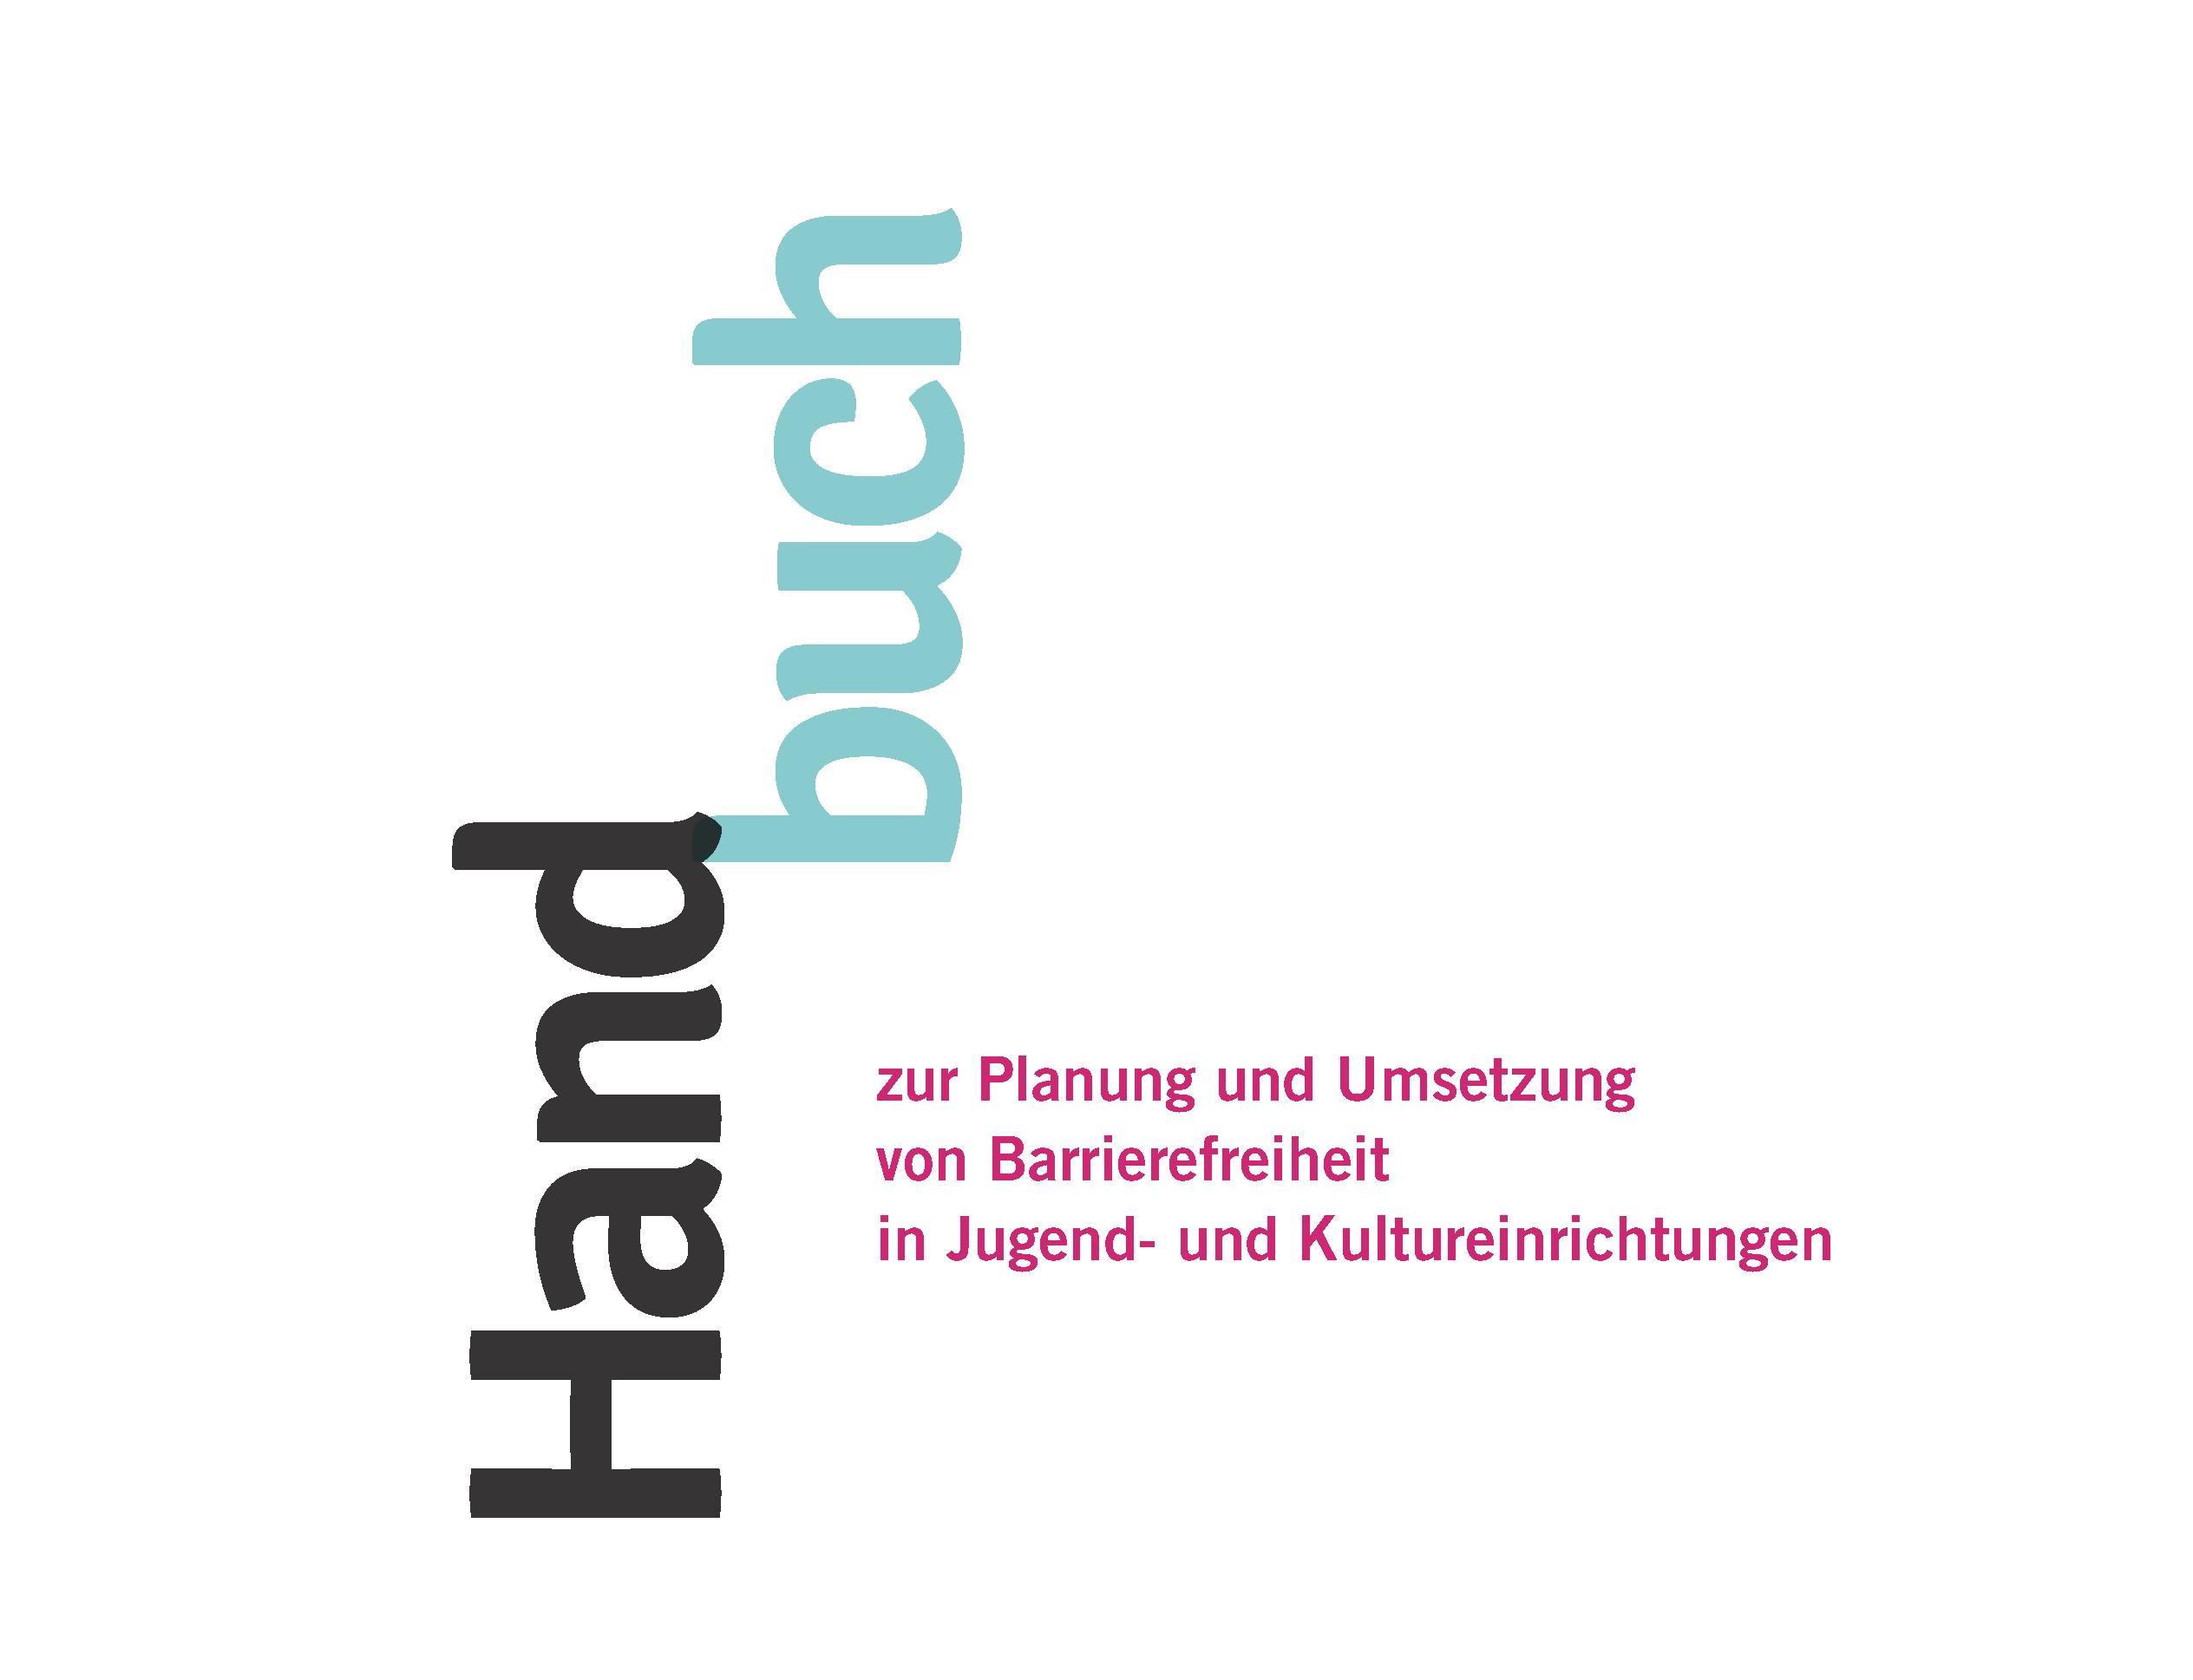 Zu sehen ist ein Ausschnitt der Titelseite des Handbuches. Der Titel des Handbuches heißt: Handbuch zur Planung und Umsetzung von Barrierefreiheit in Jugend- und Kultureinrichtungen